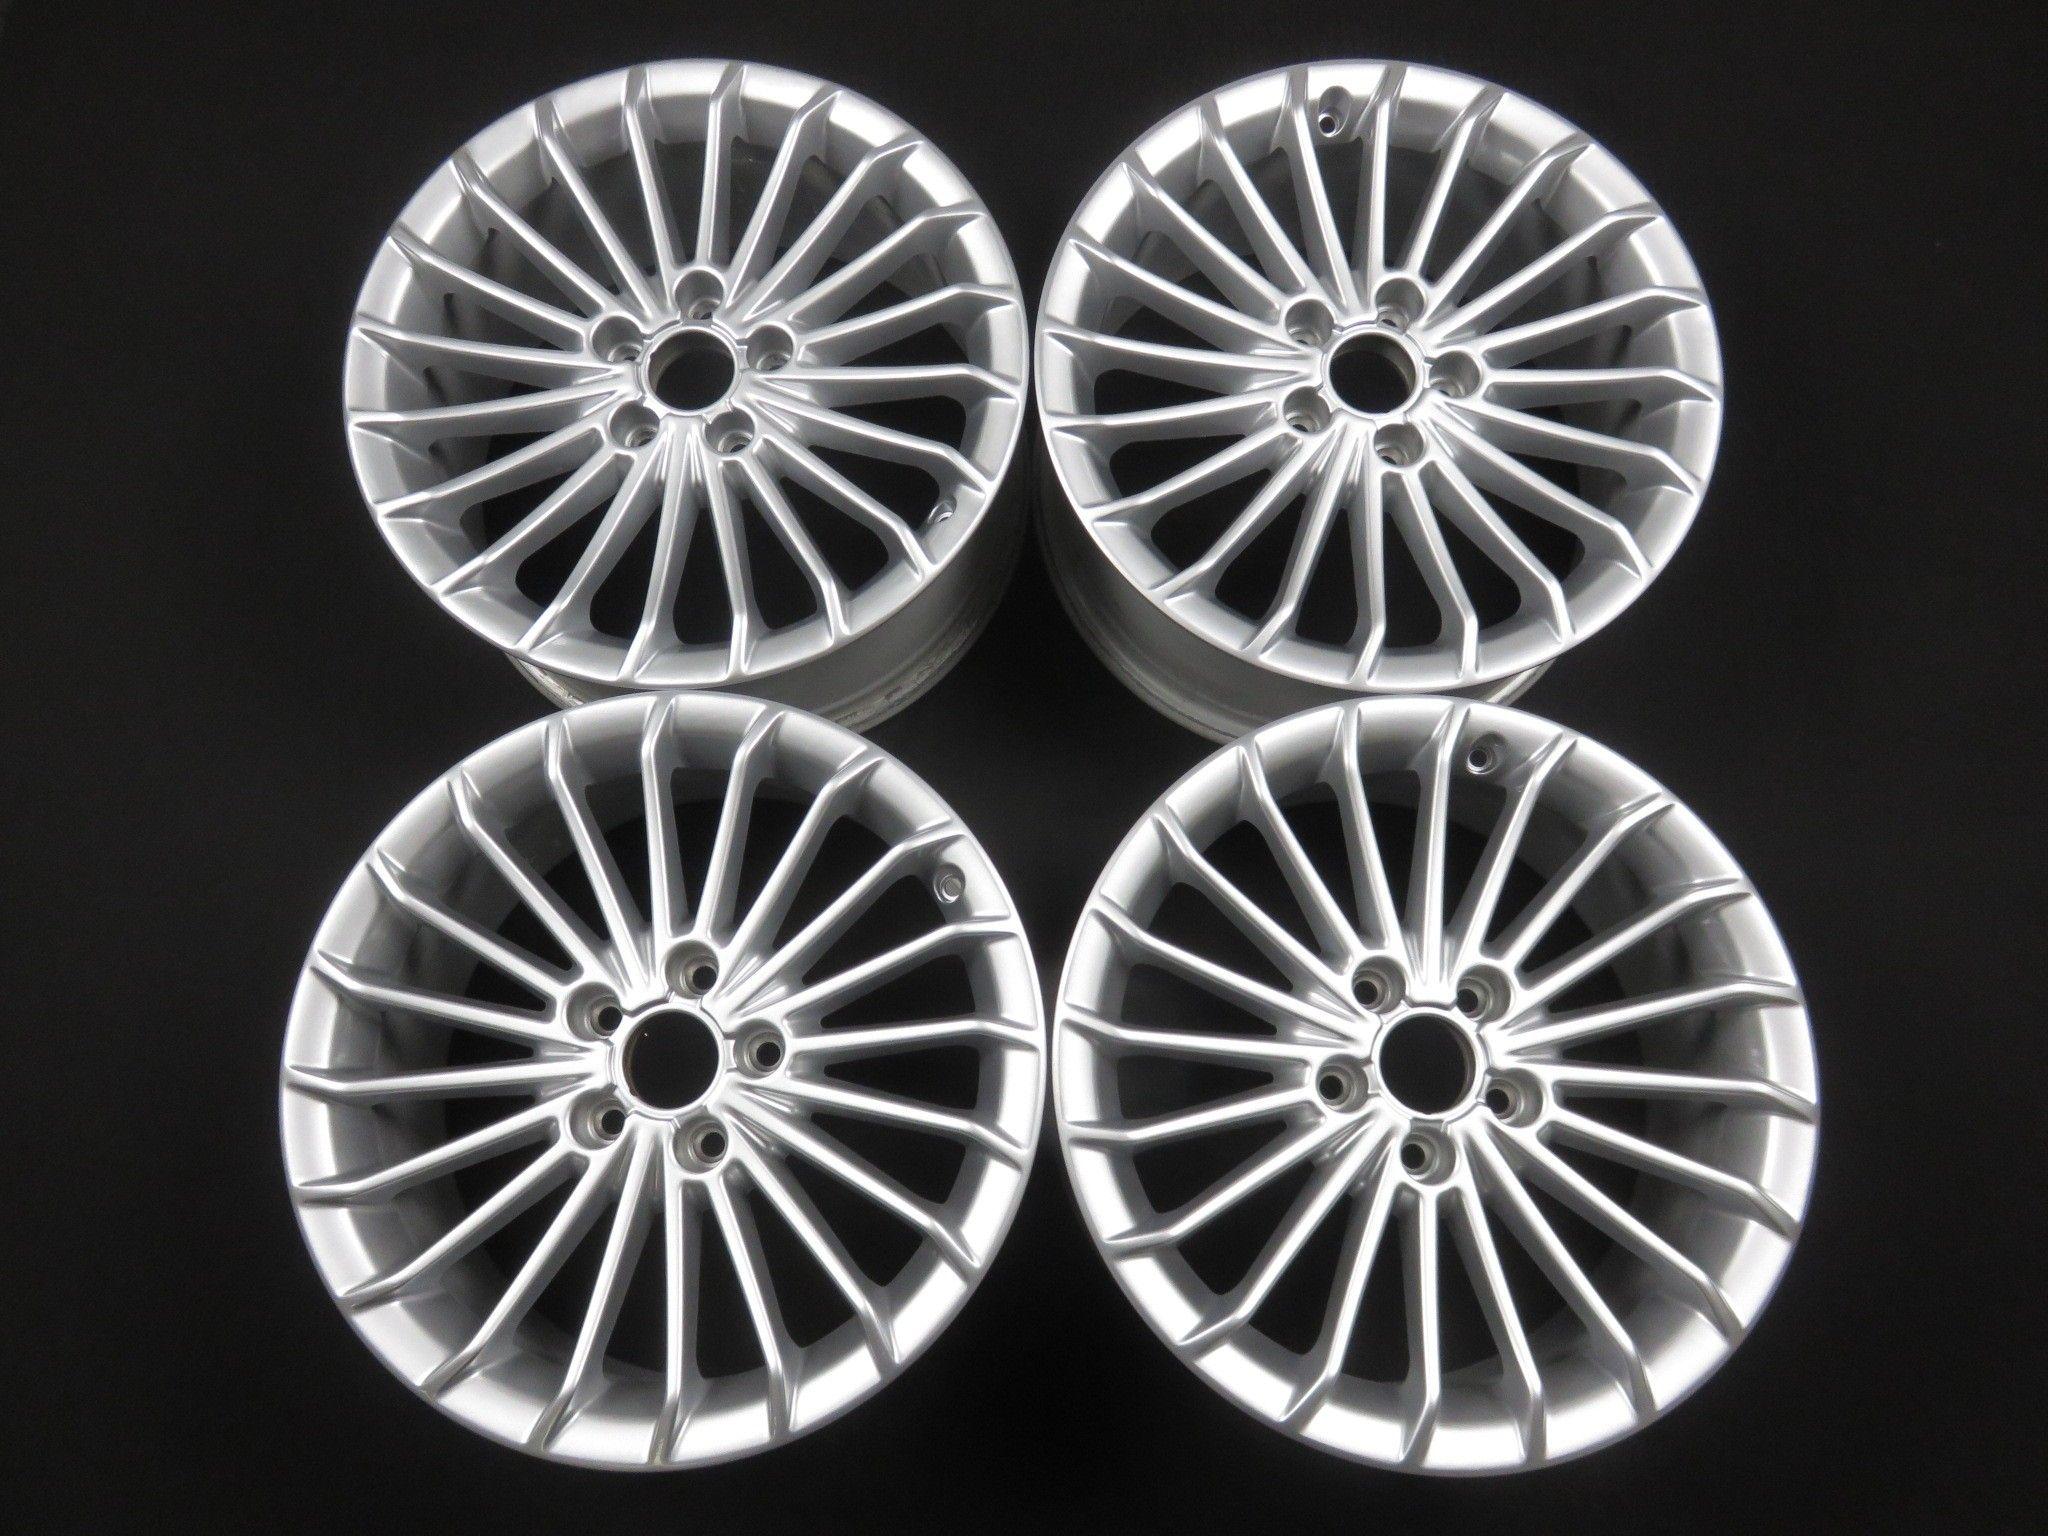 Original Audi A4 8k S4 B8 S Line 8k0601025bb 17 Zoll Alufelgen 7 5jx17 Et45 Alufelgen Felgen Und Audi A4